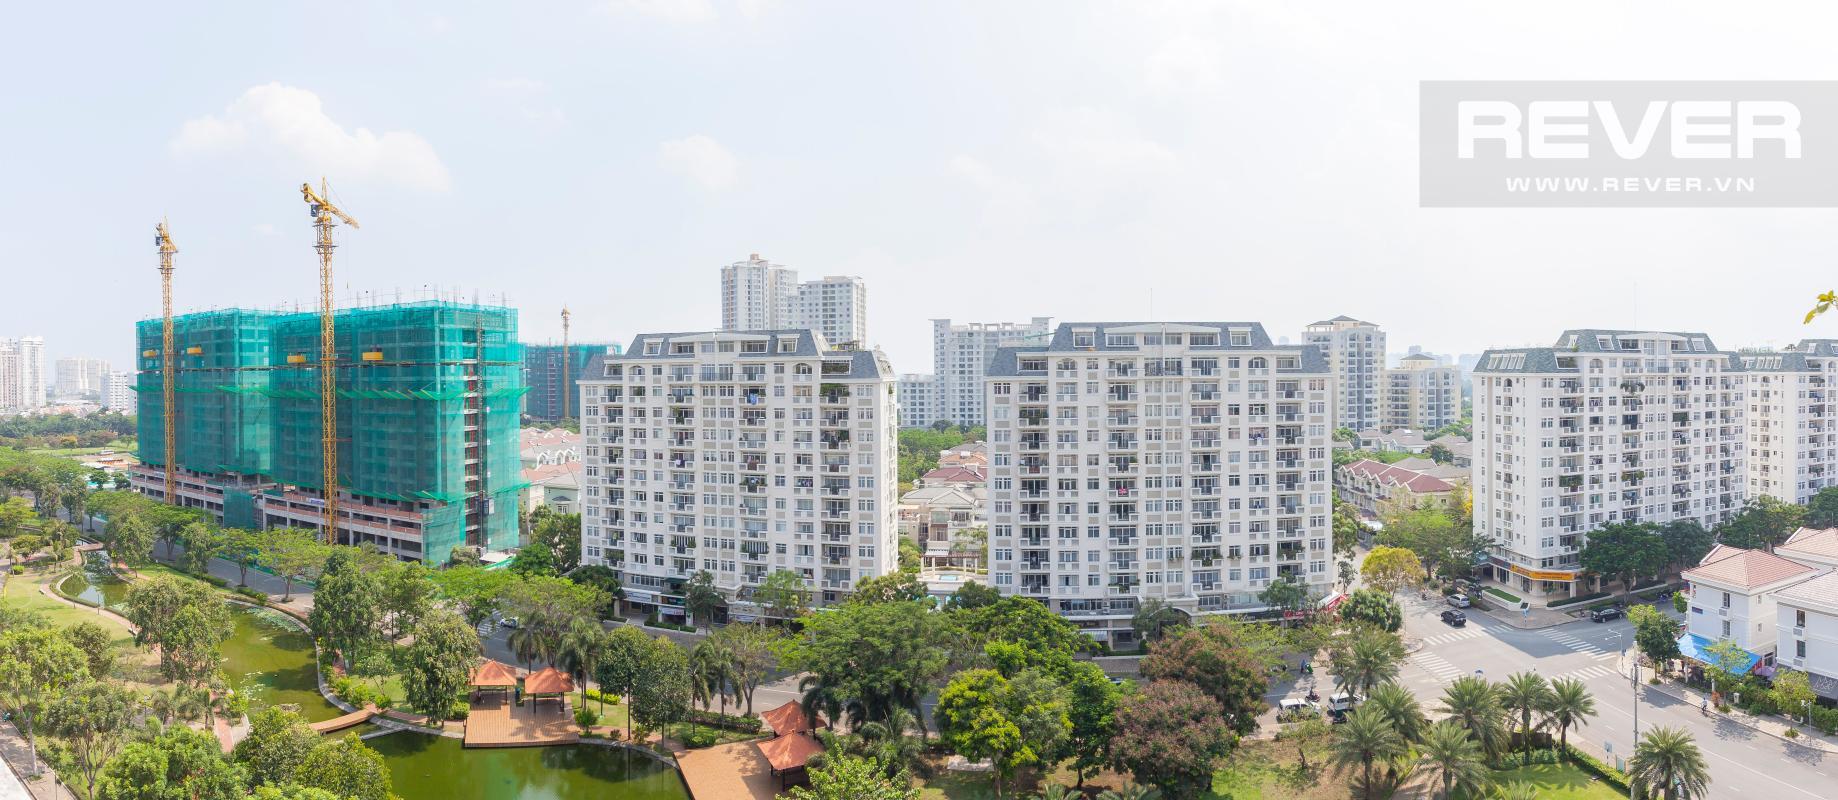 Cảnh quan nhìn từ căn hộ Căn hộ duplex Cảnh Viên 1 tầng thấp AB1 hướng Tây, 3 phòng ngủ